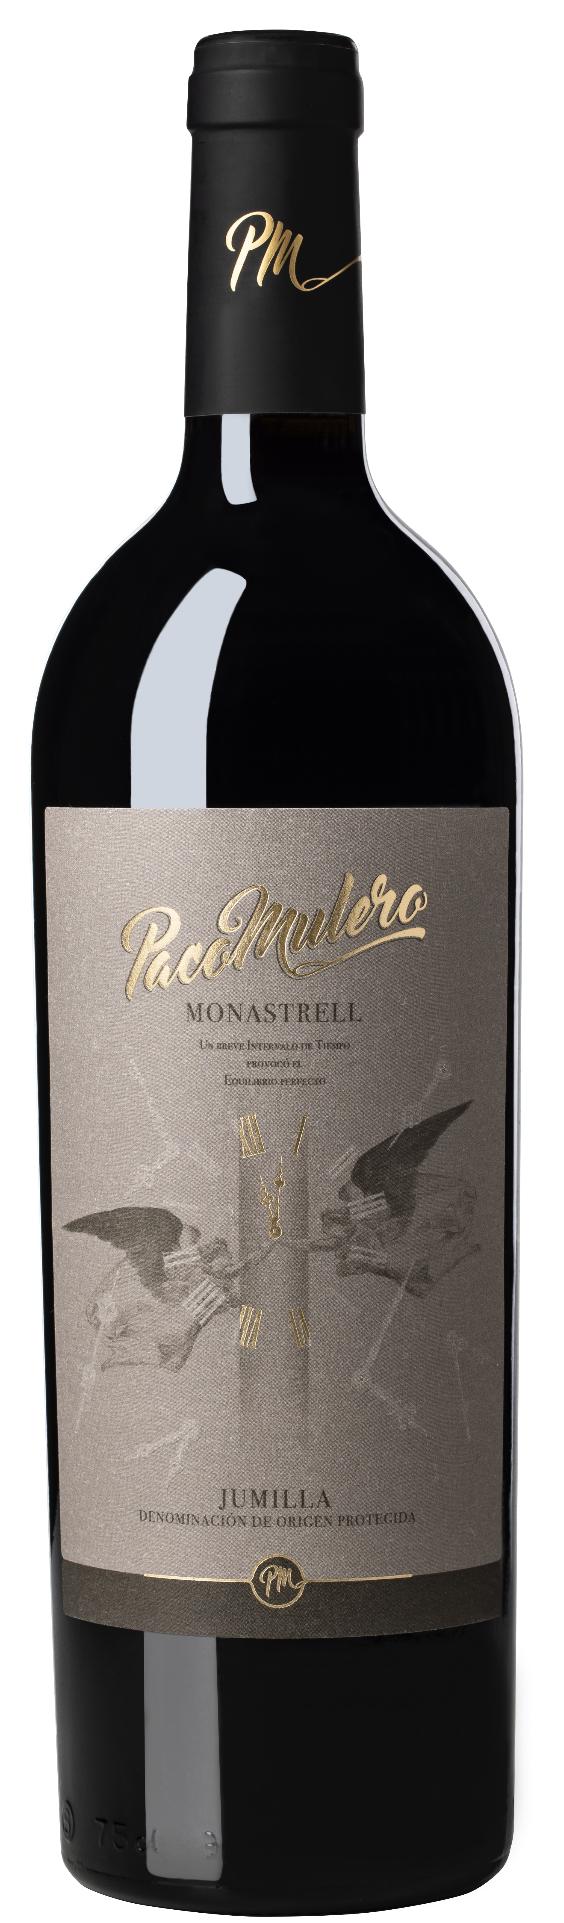 Monastrell   Paco Mulero  - Winexfood